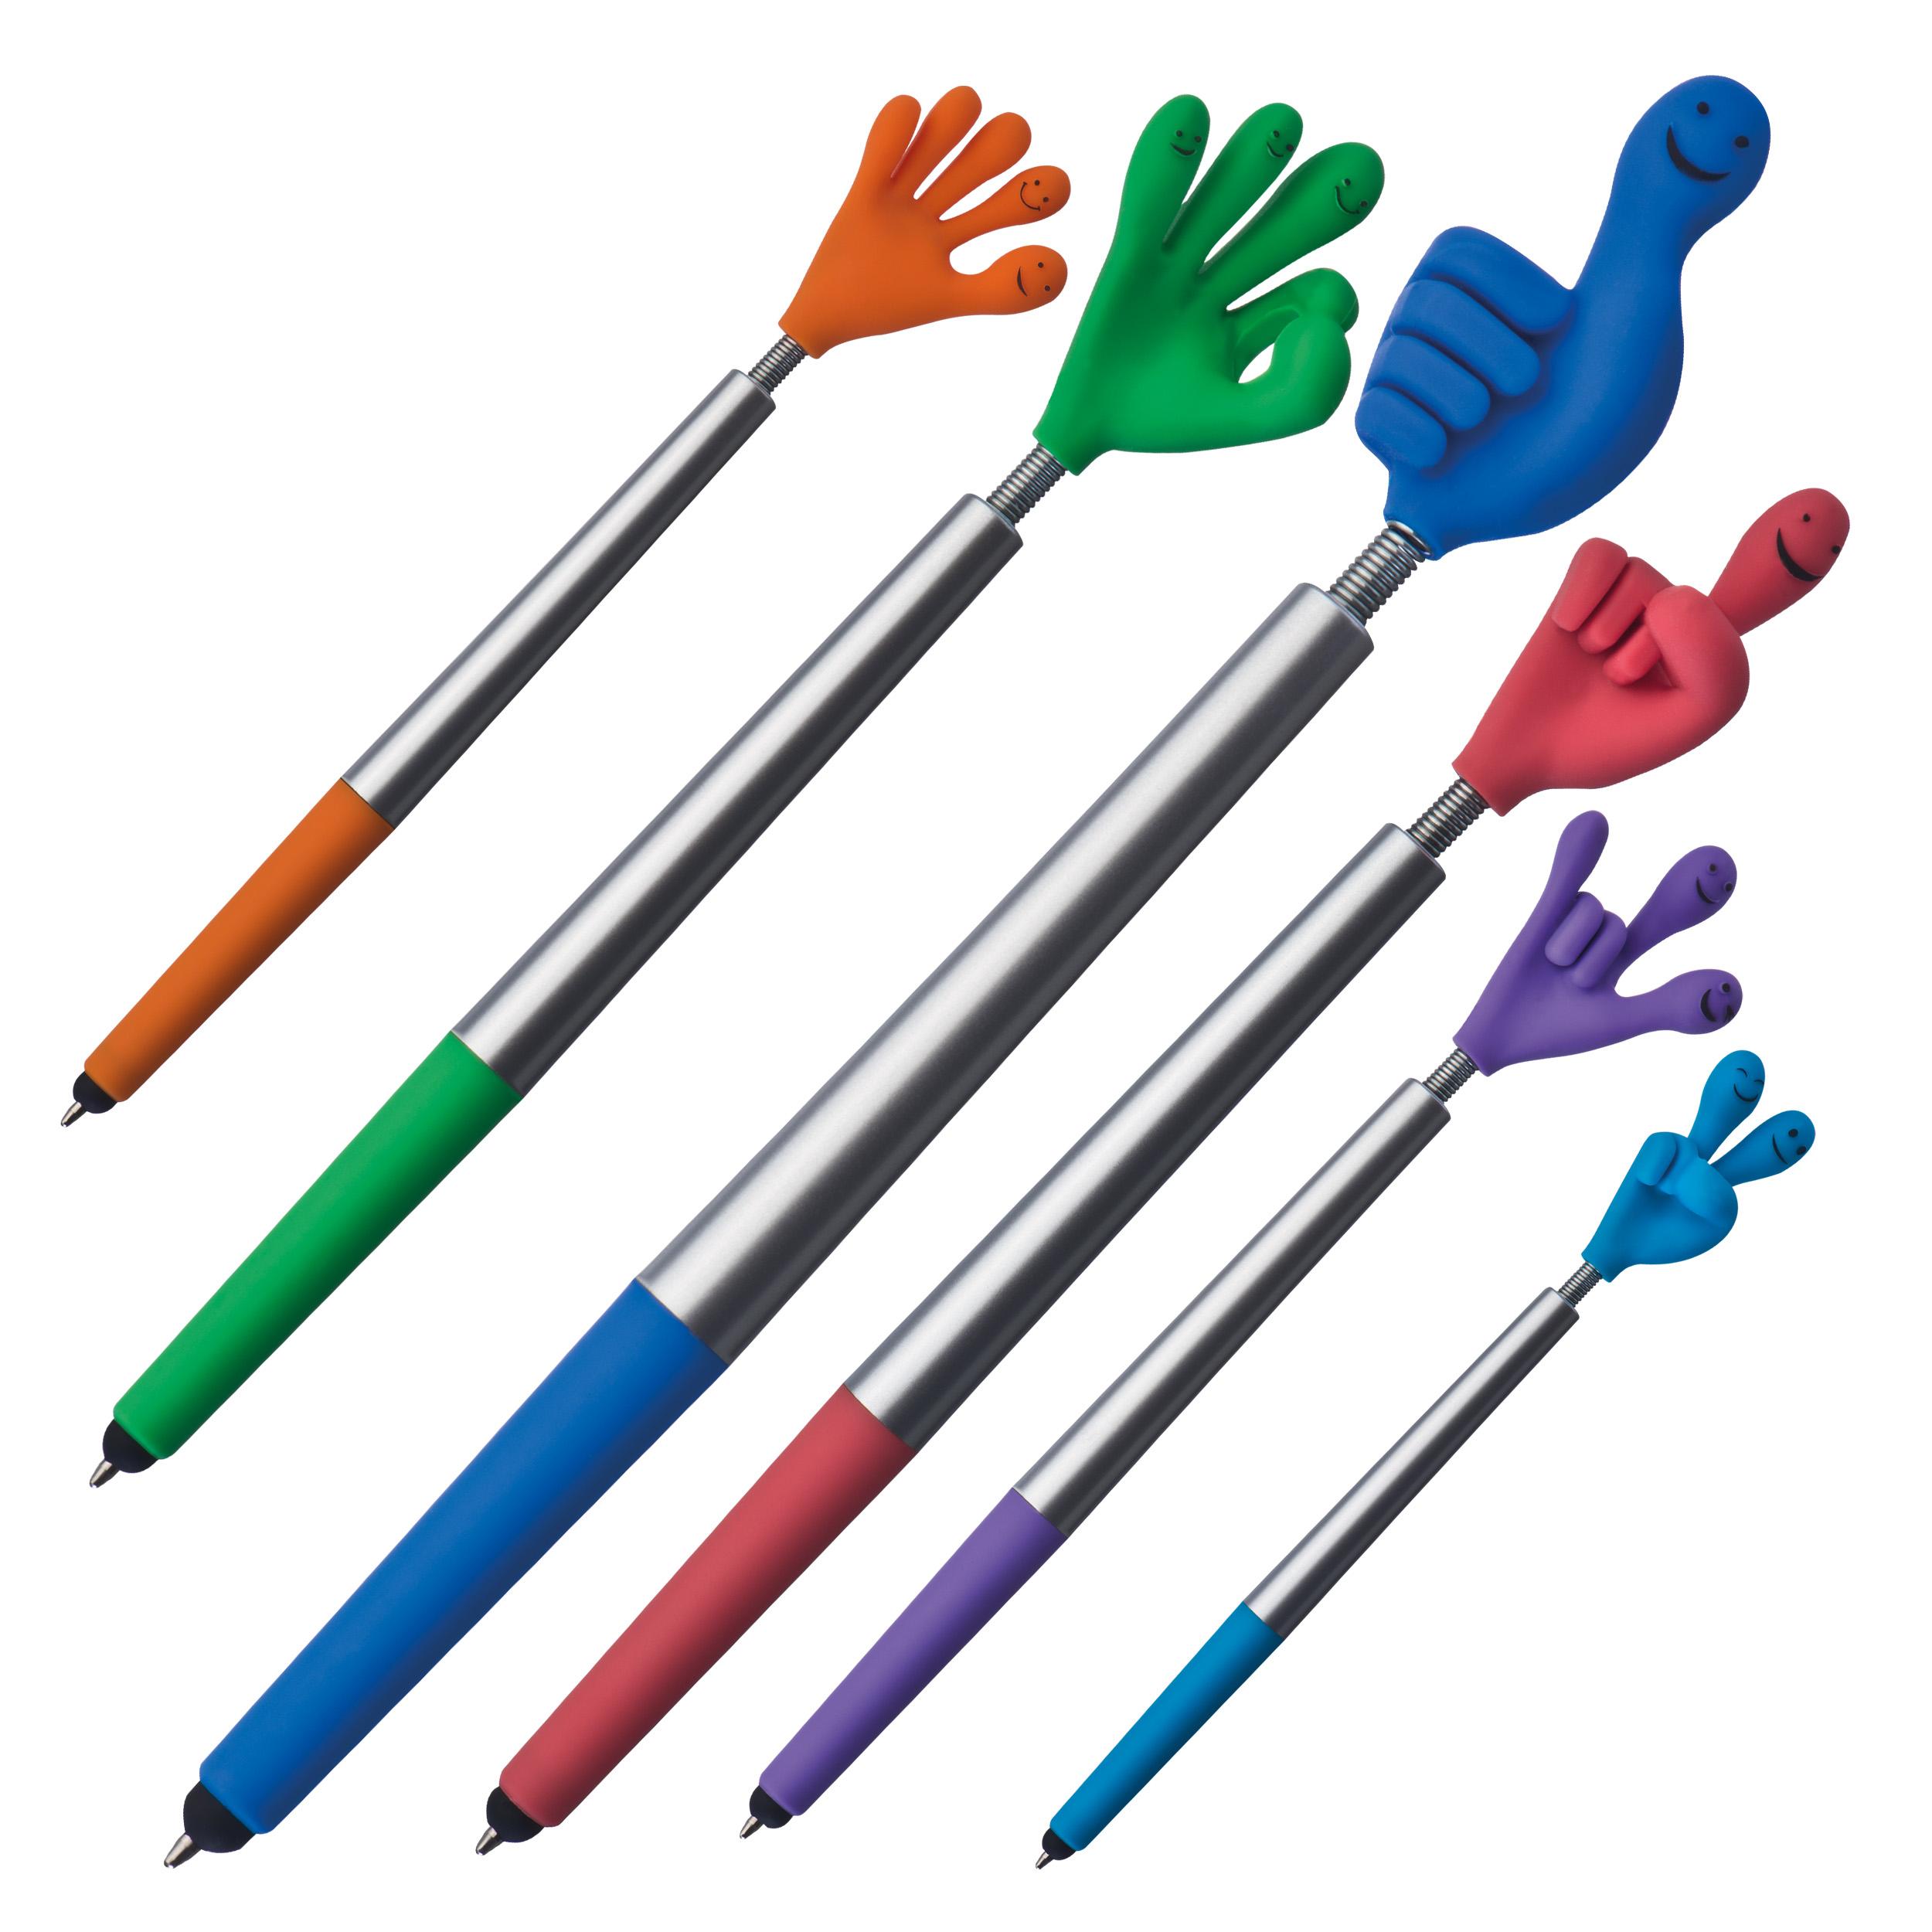 Smile hand ball pen